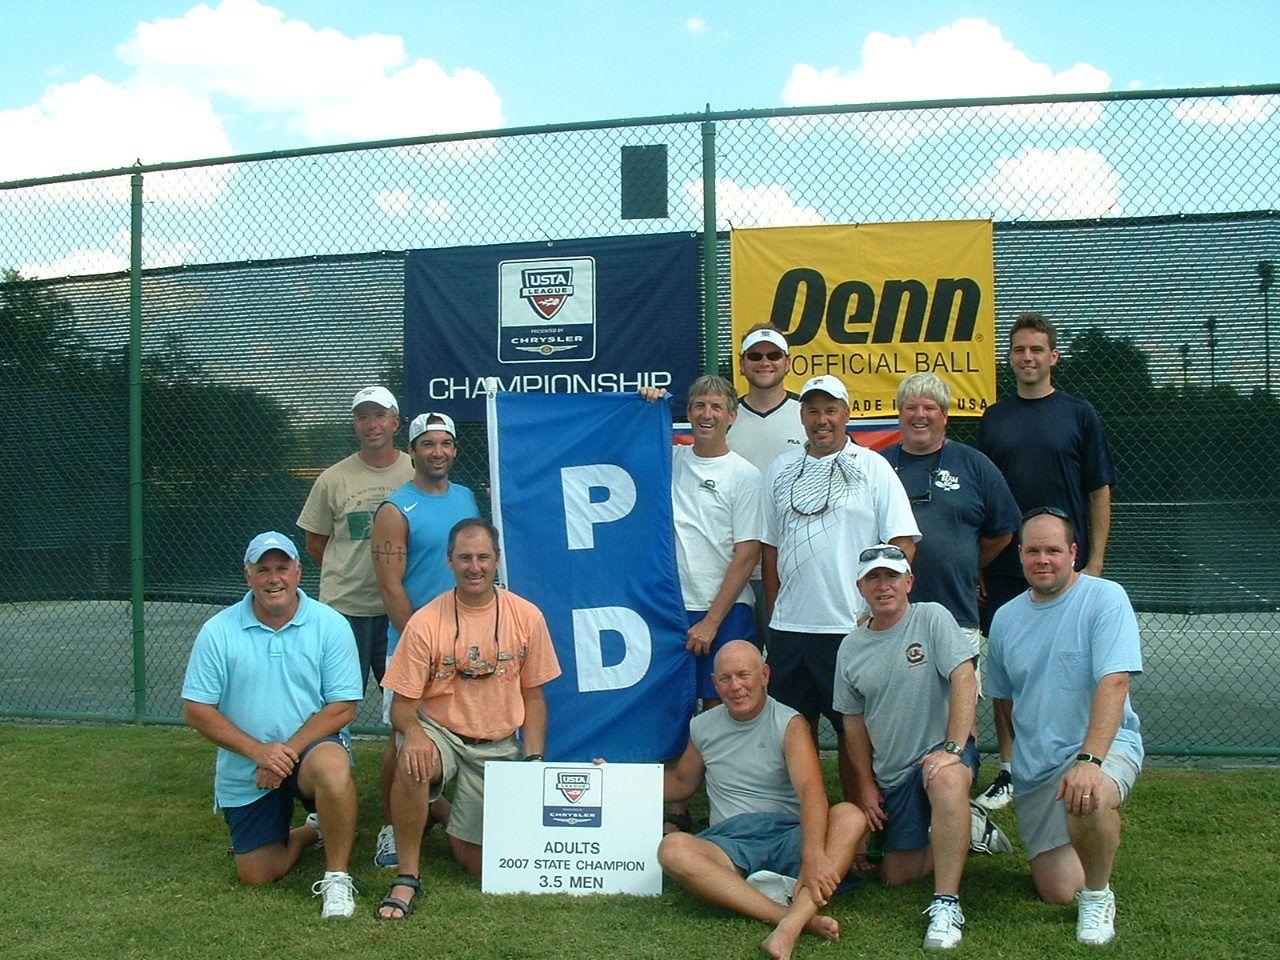 2007 Adult Champs 3.5 M